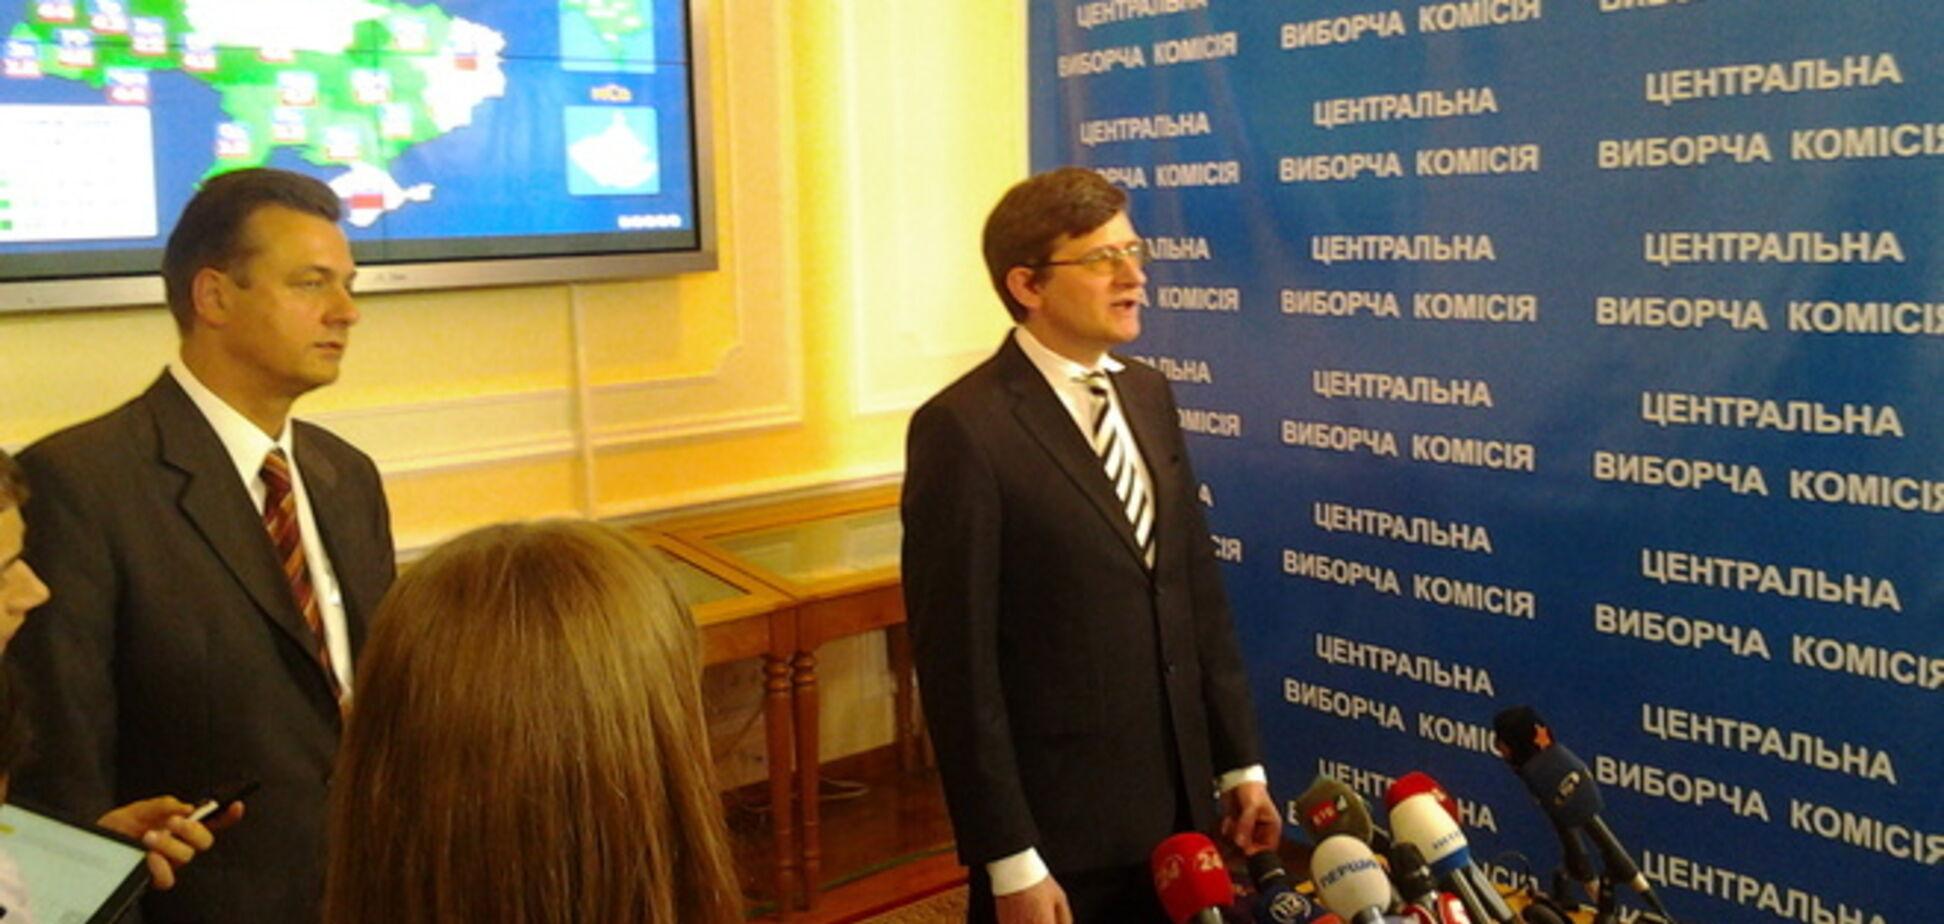 ЦВК не буде продовжувати час голосування на виборах Президента